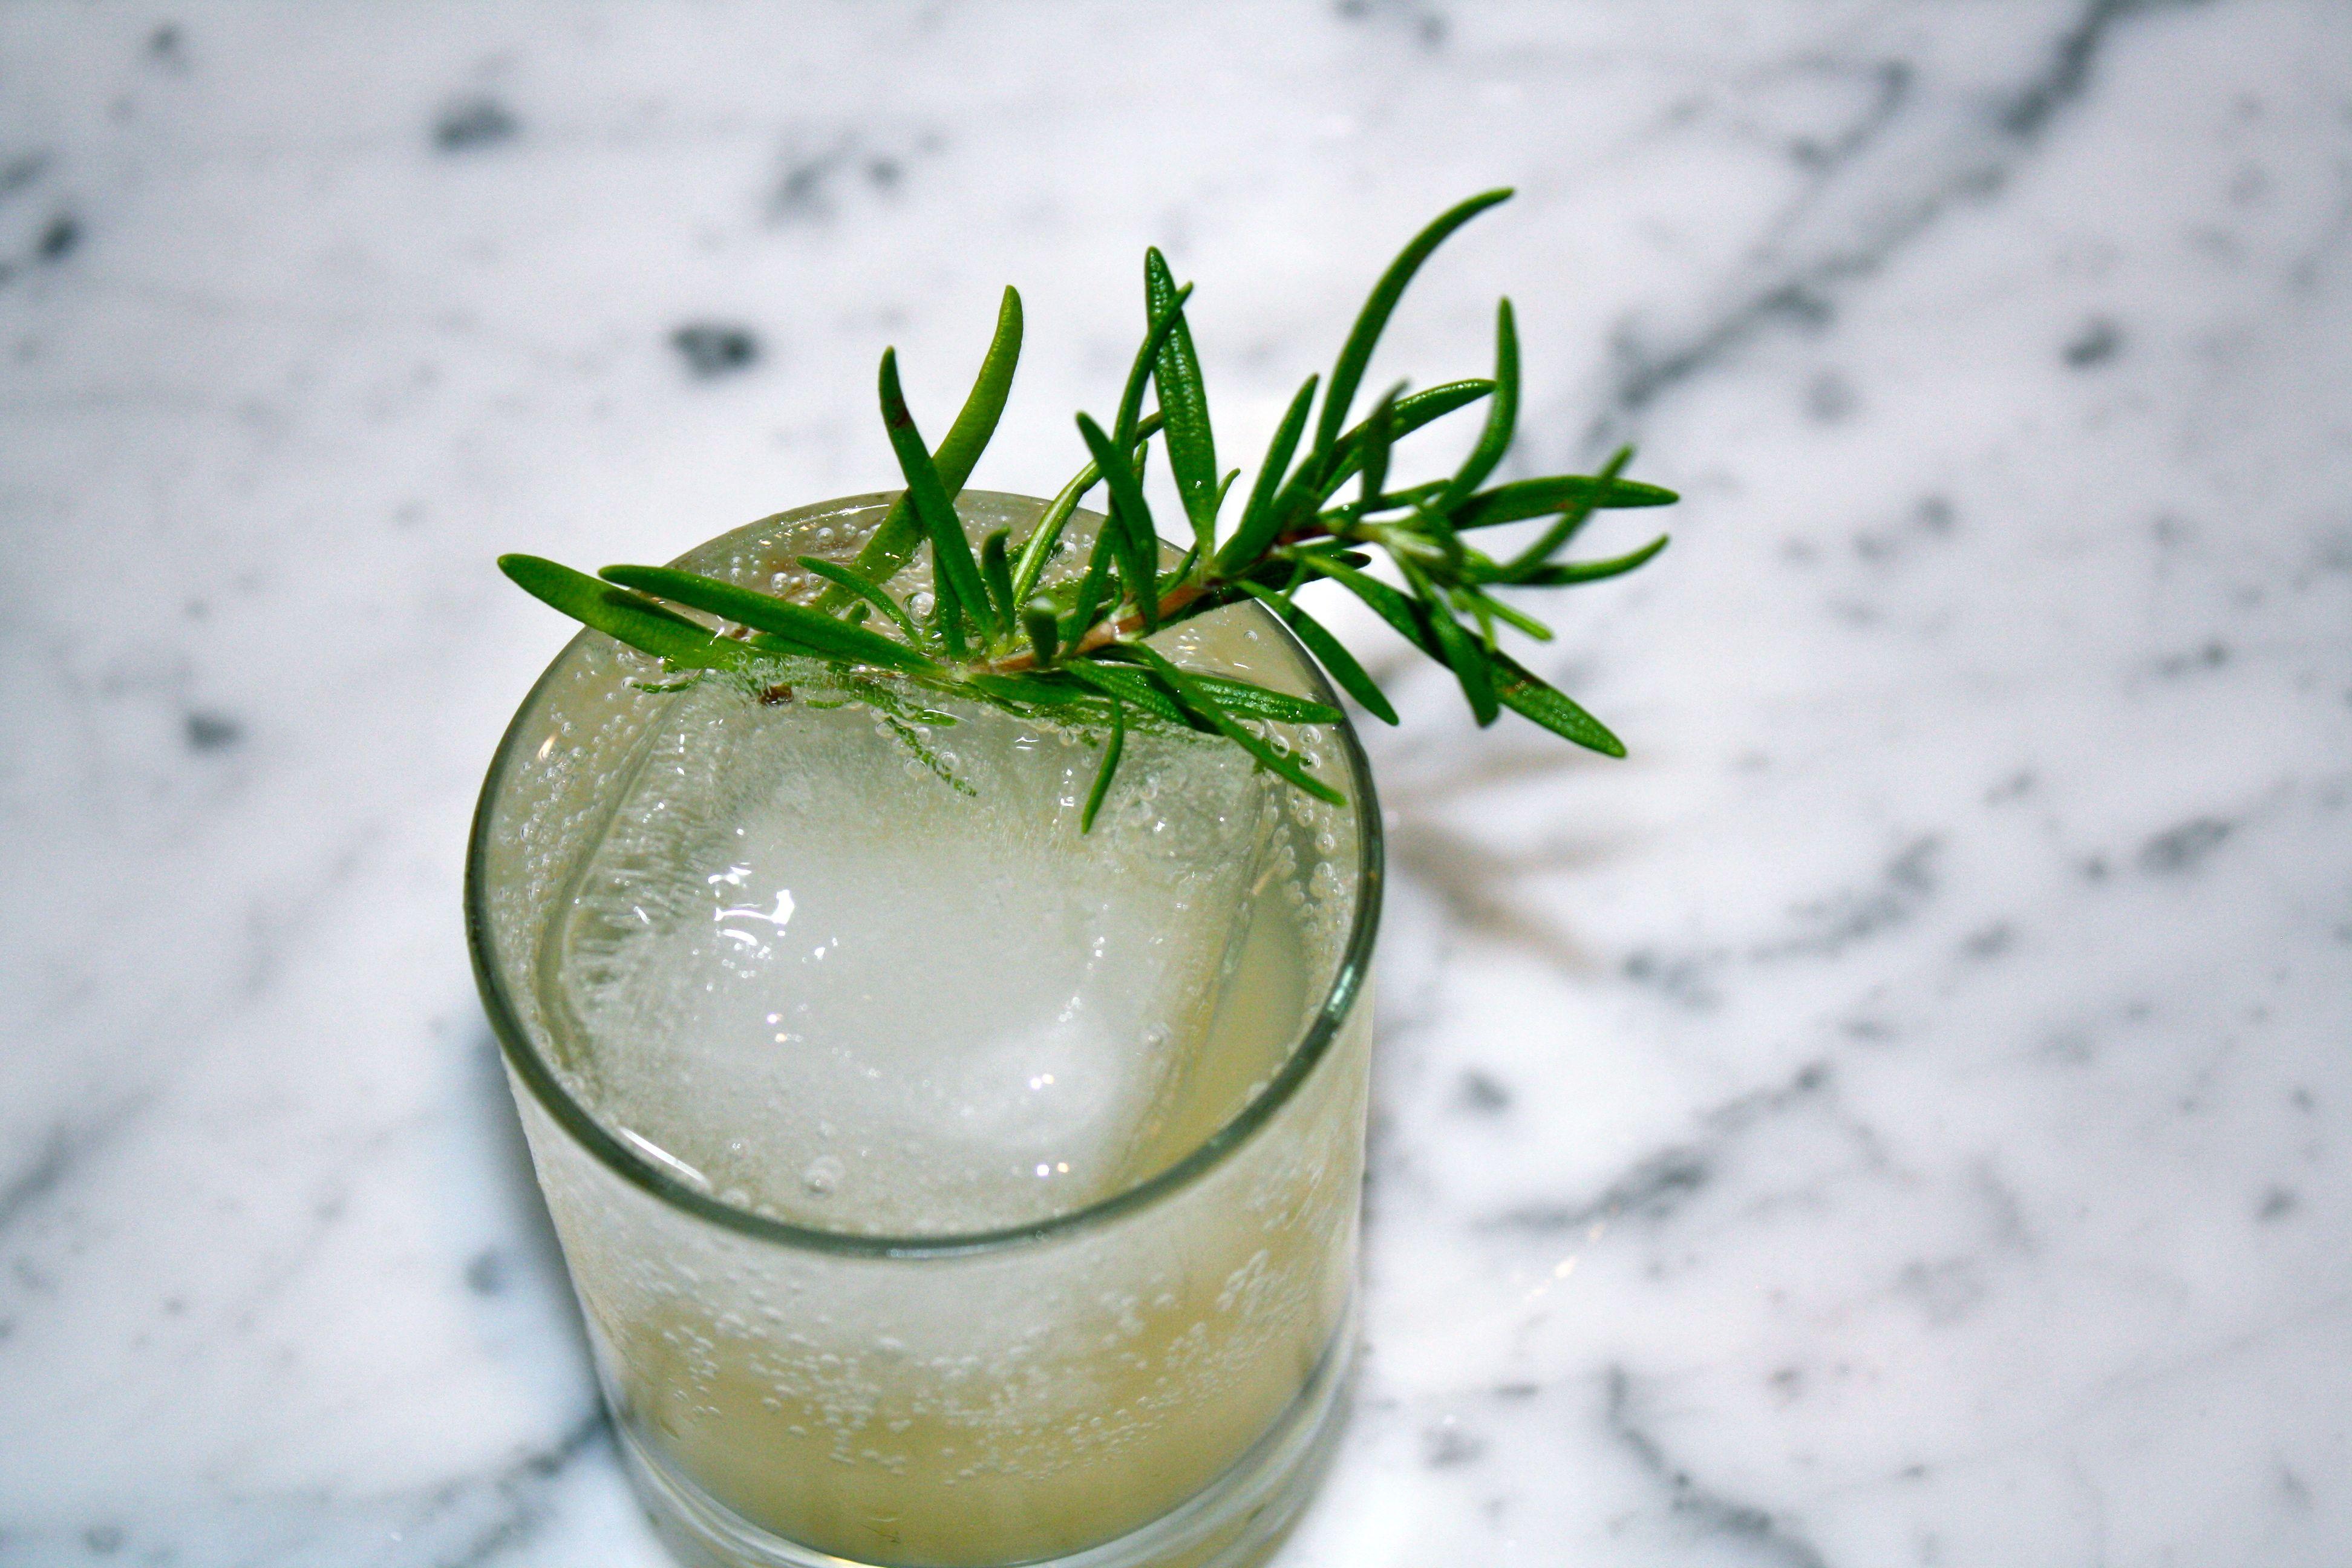 KEEL Vodka Evergreen Cocktail 3 parts keel vodka 1 part